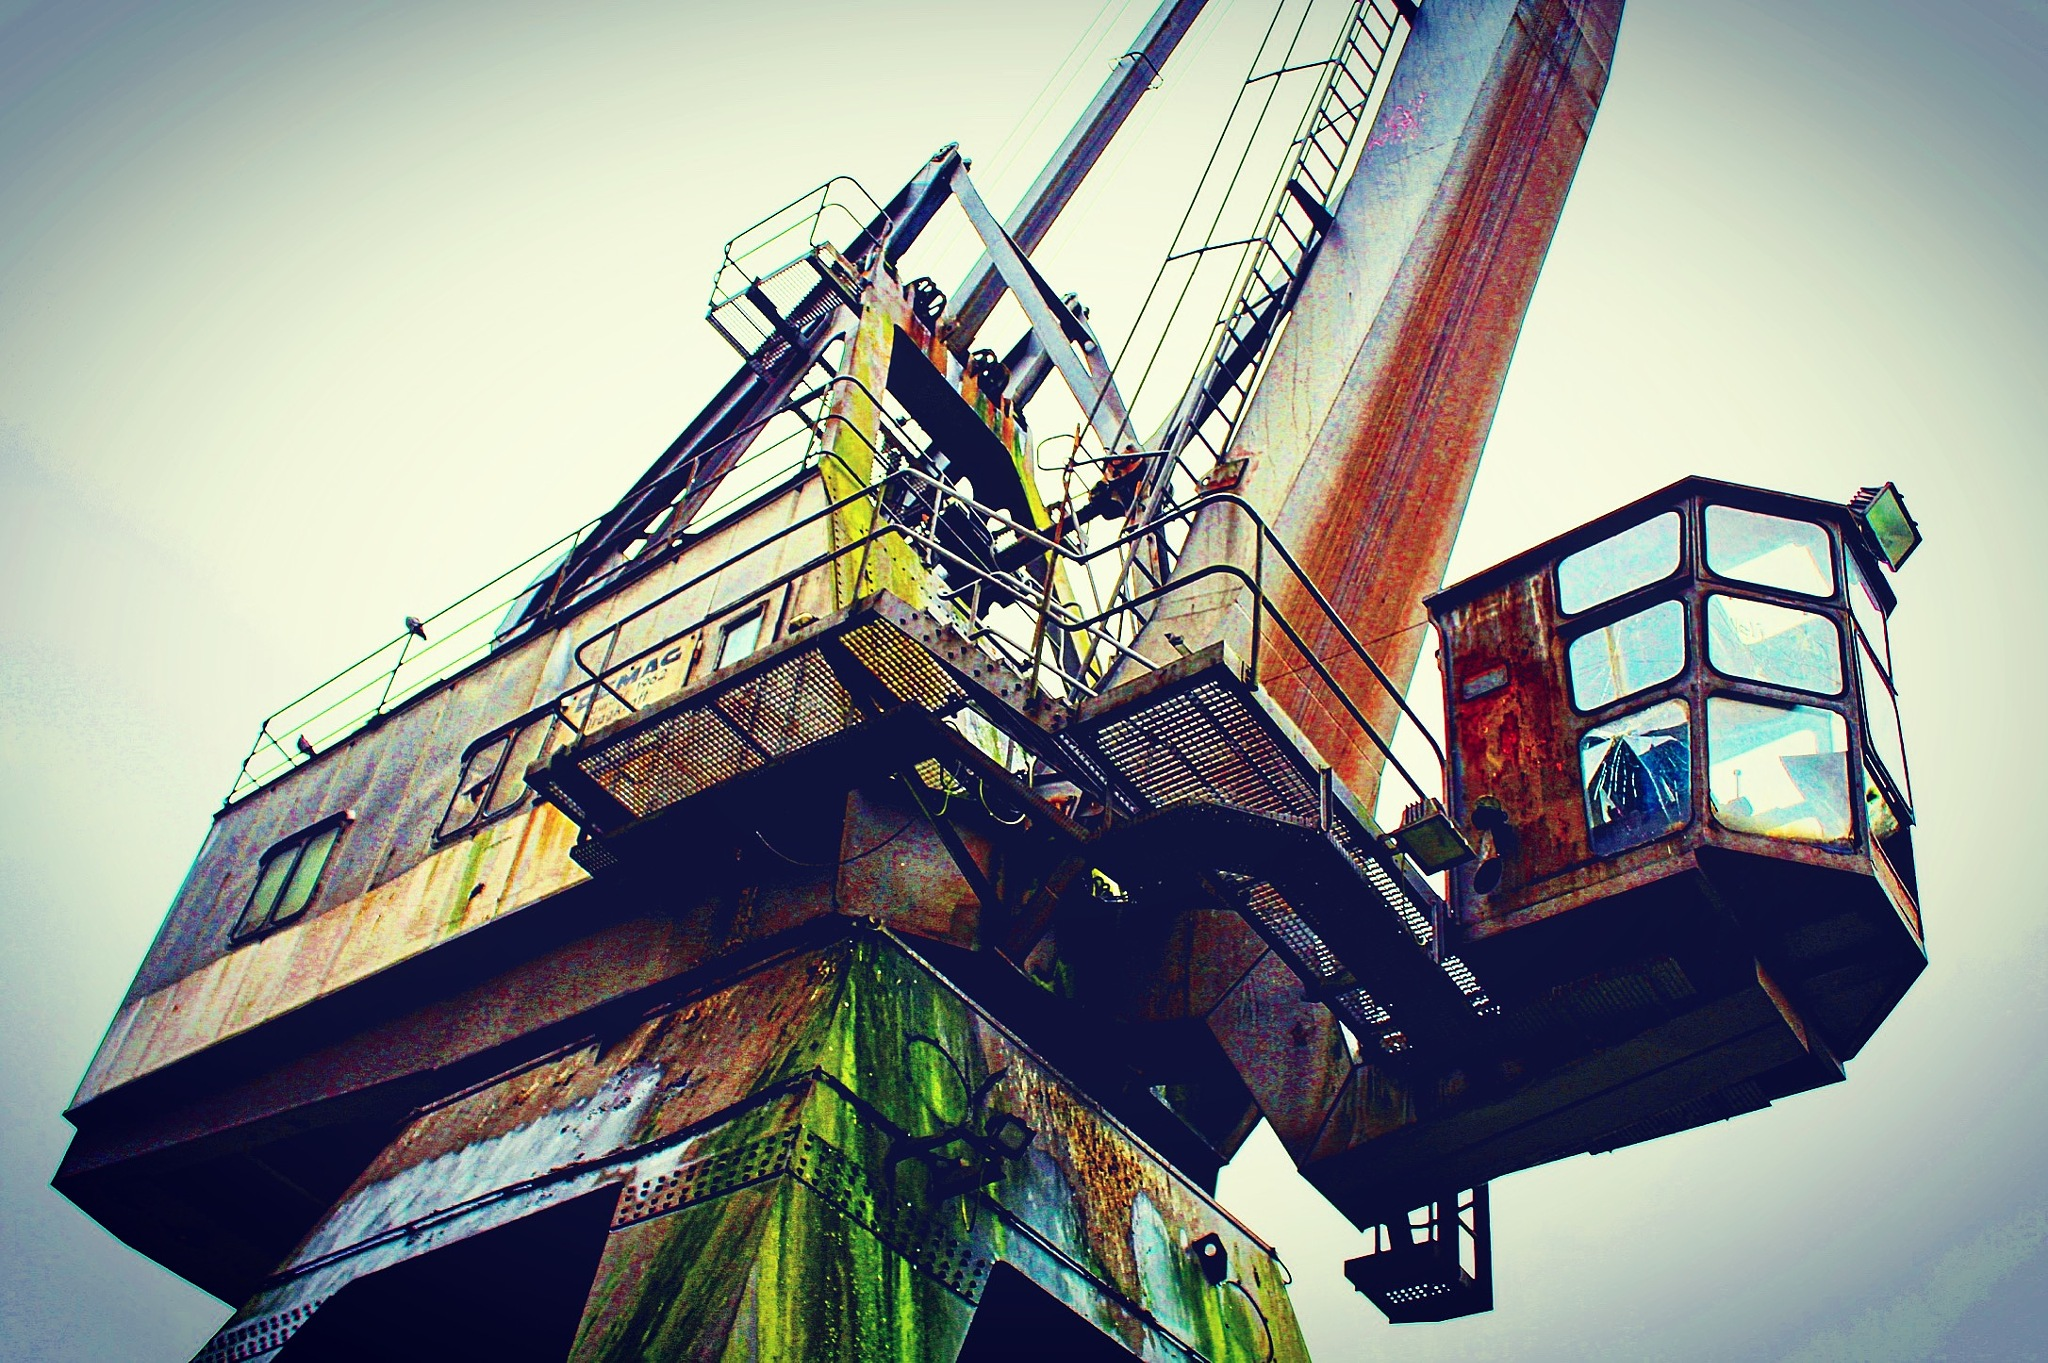 Old Crane by Timo Respondek